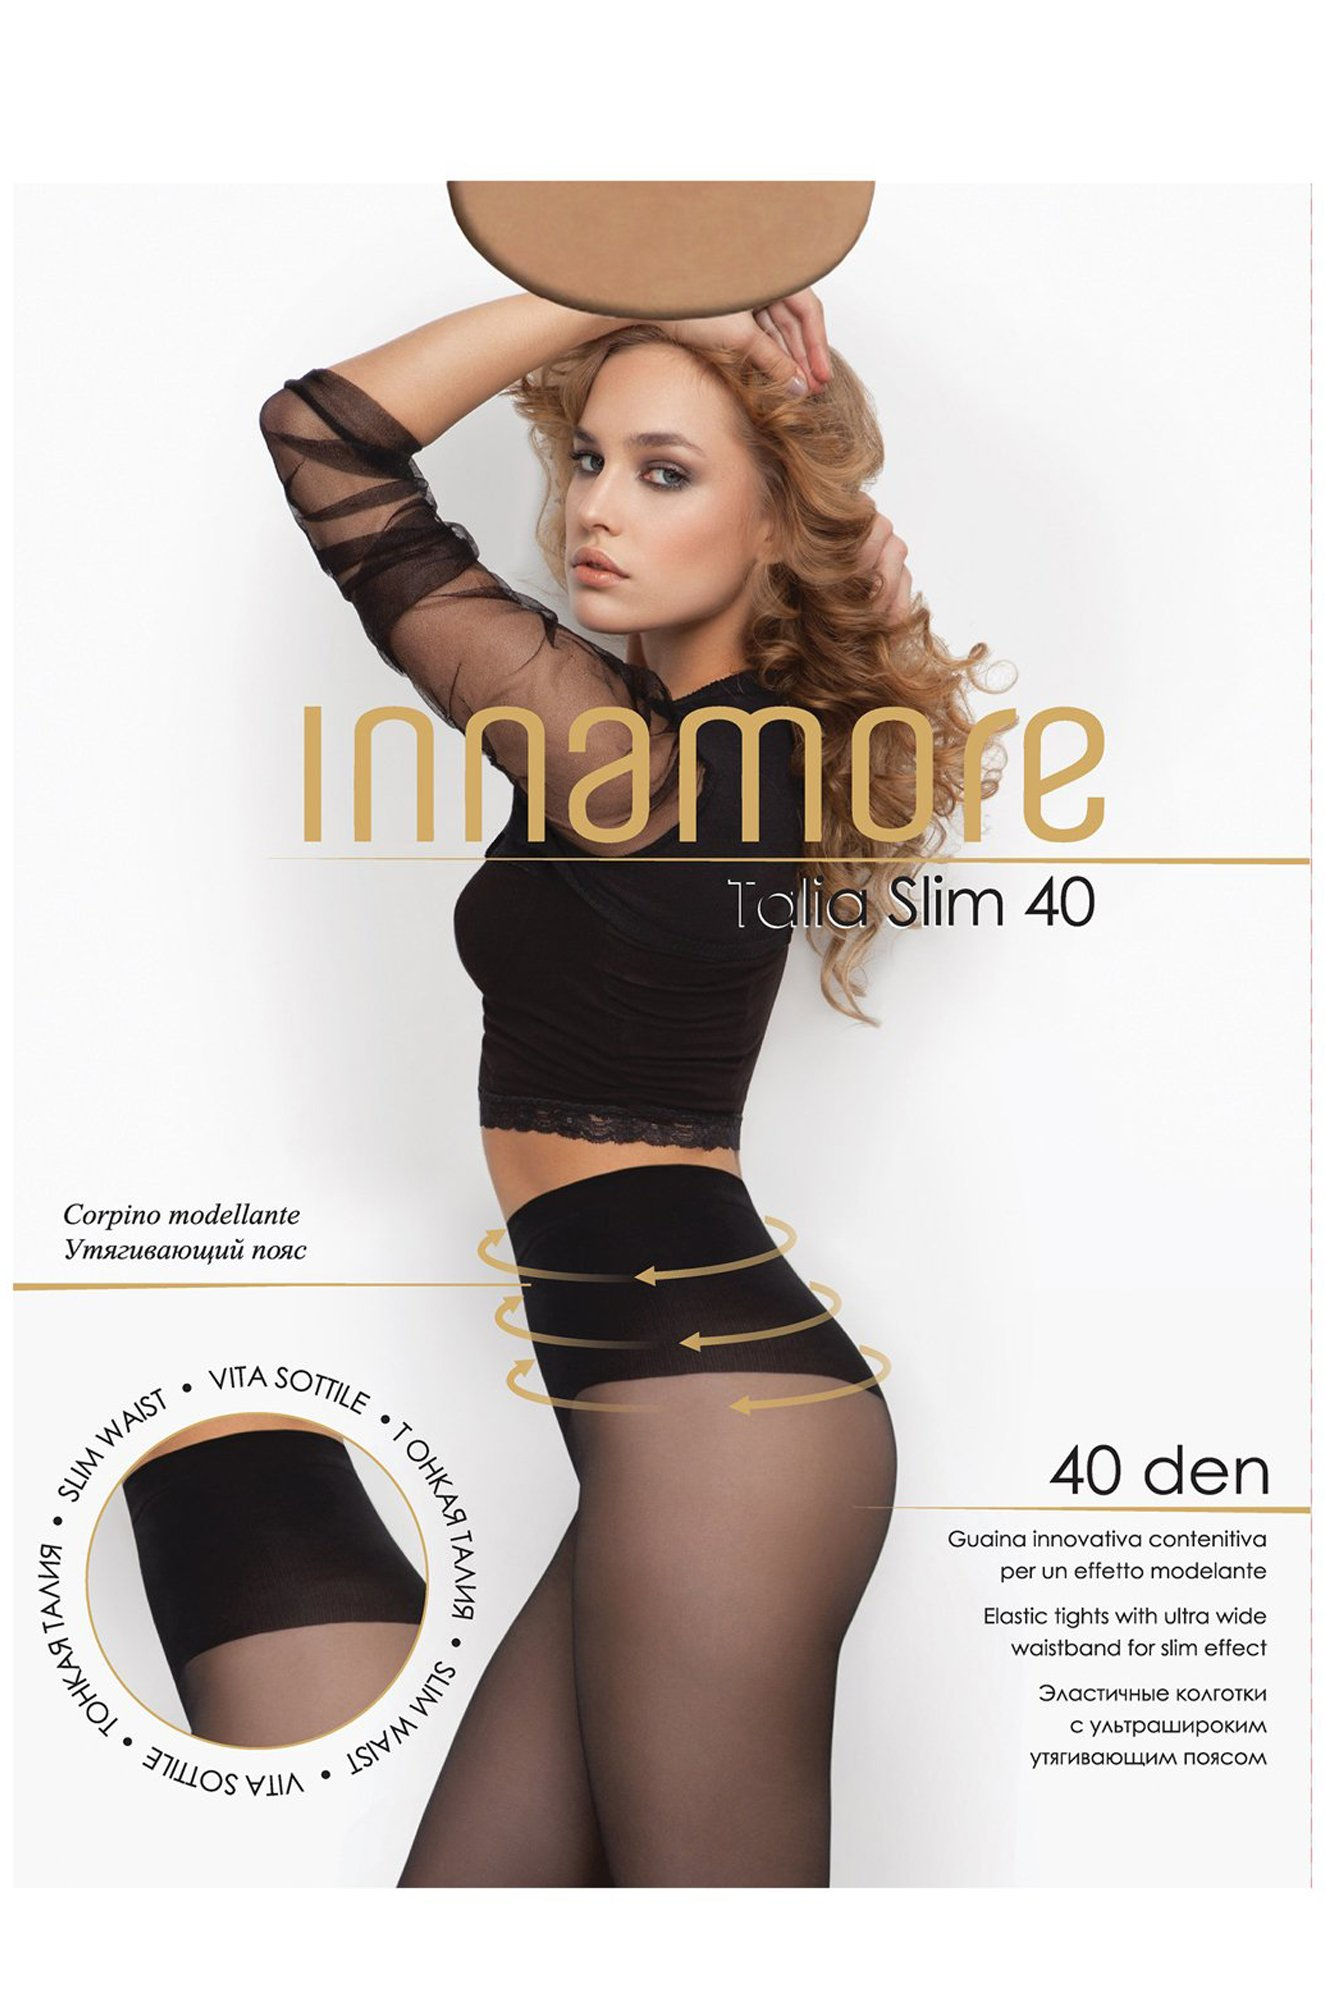 INNAMORE, Эластичные женские колготки 40 DEN с высокими утягивающими шортиками, моделирующими фигуру в области живота, бедер и ягодиц INNTAL40 (6559511)